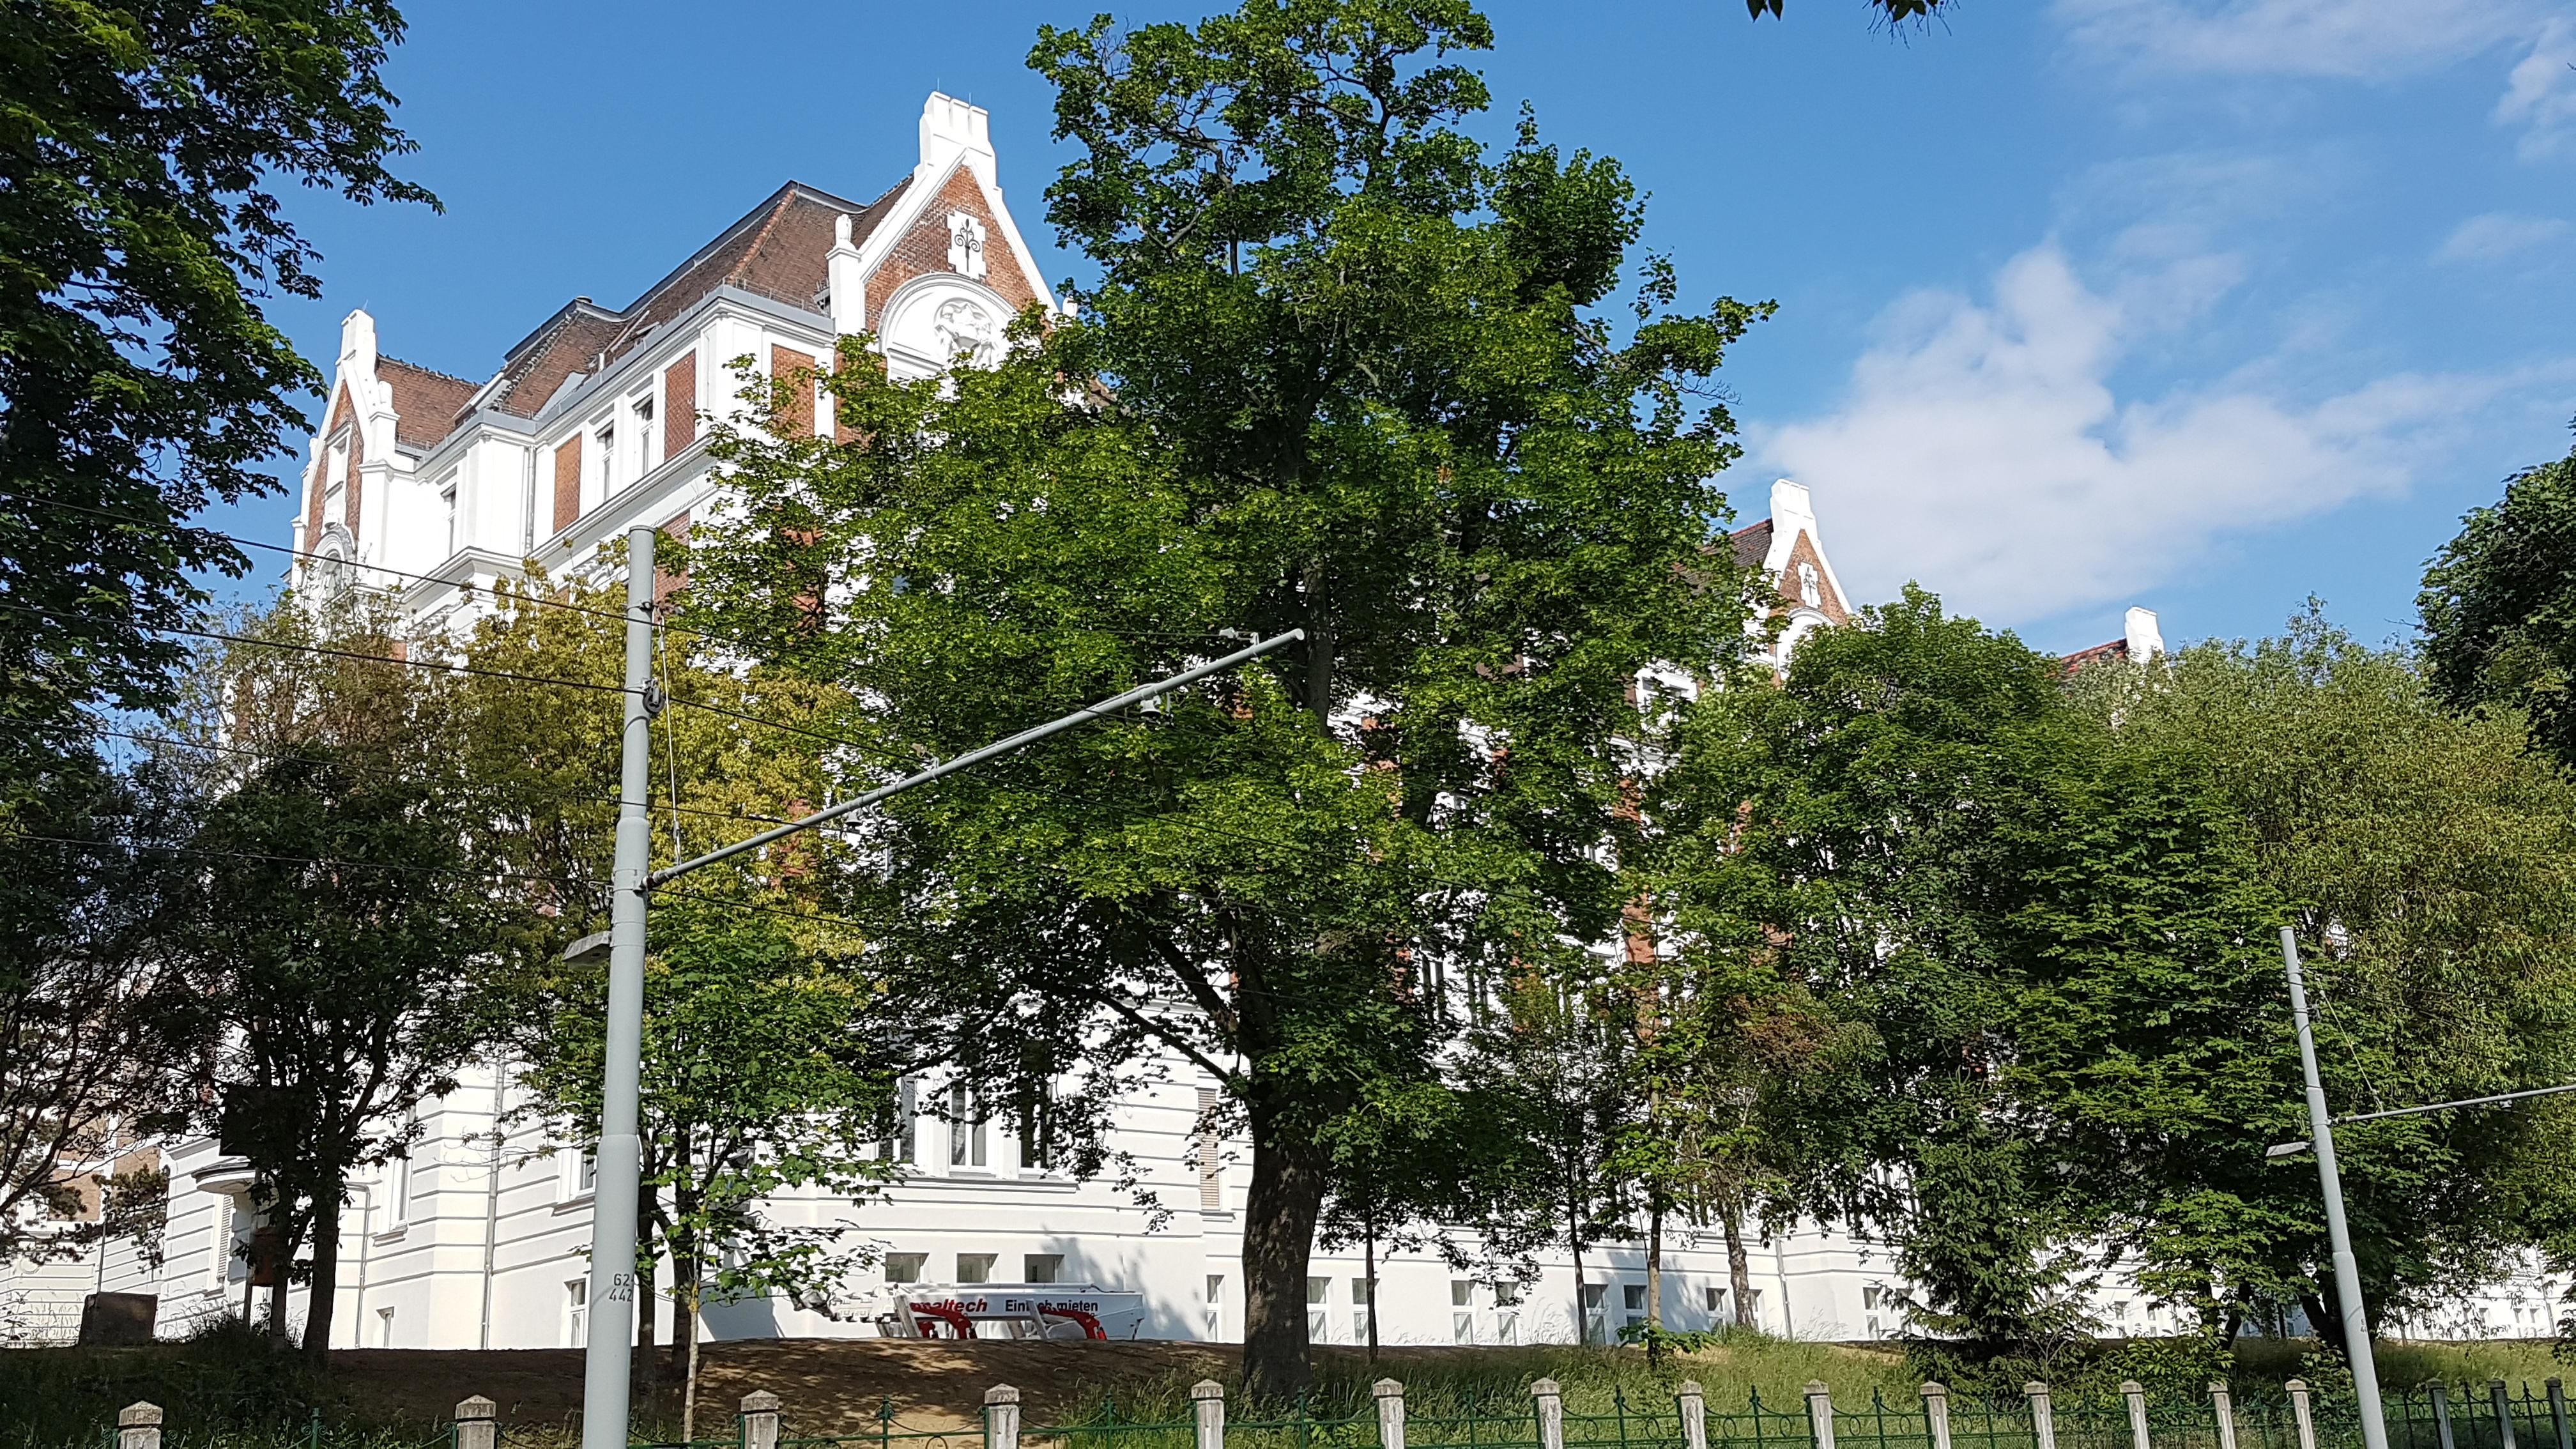 Filekrankenhaus Hietzing 1jpg Wikimedia Commons